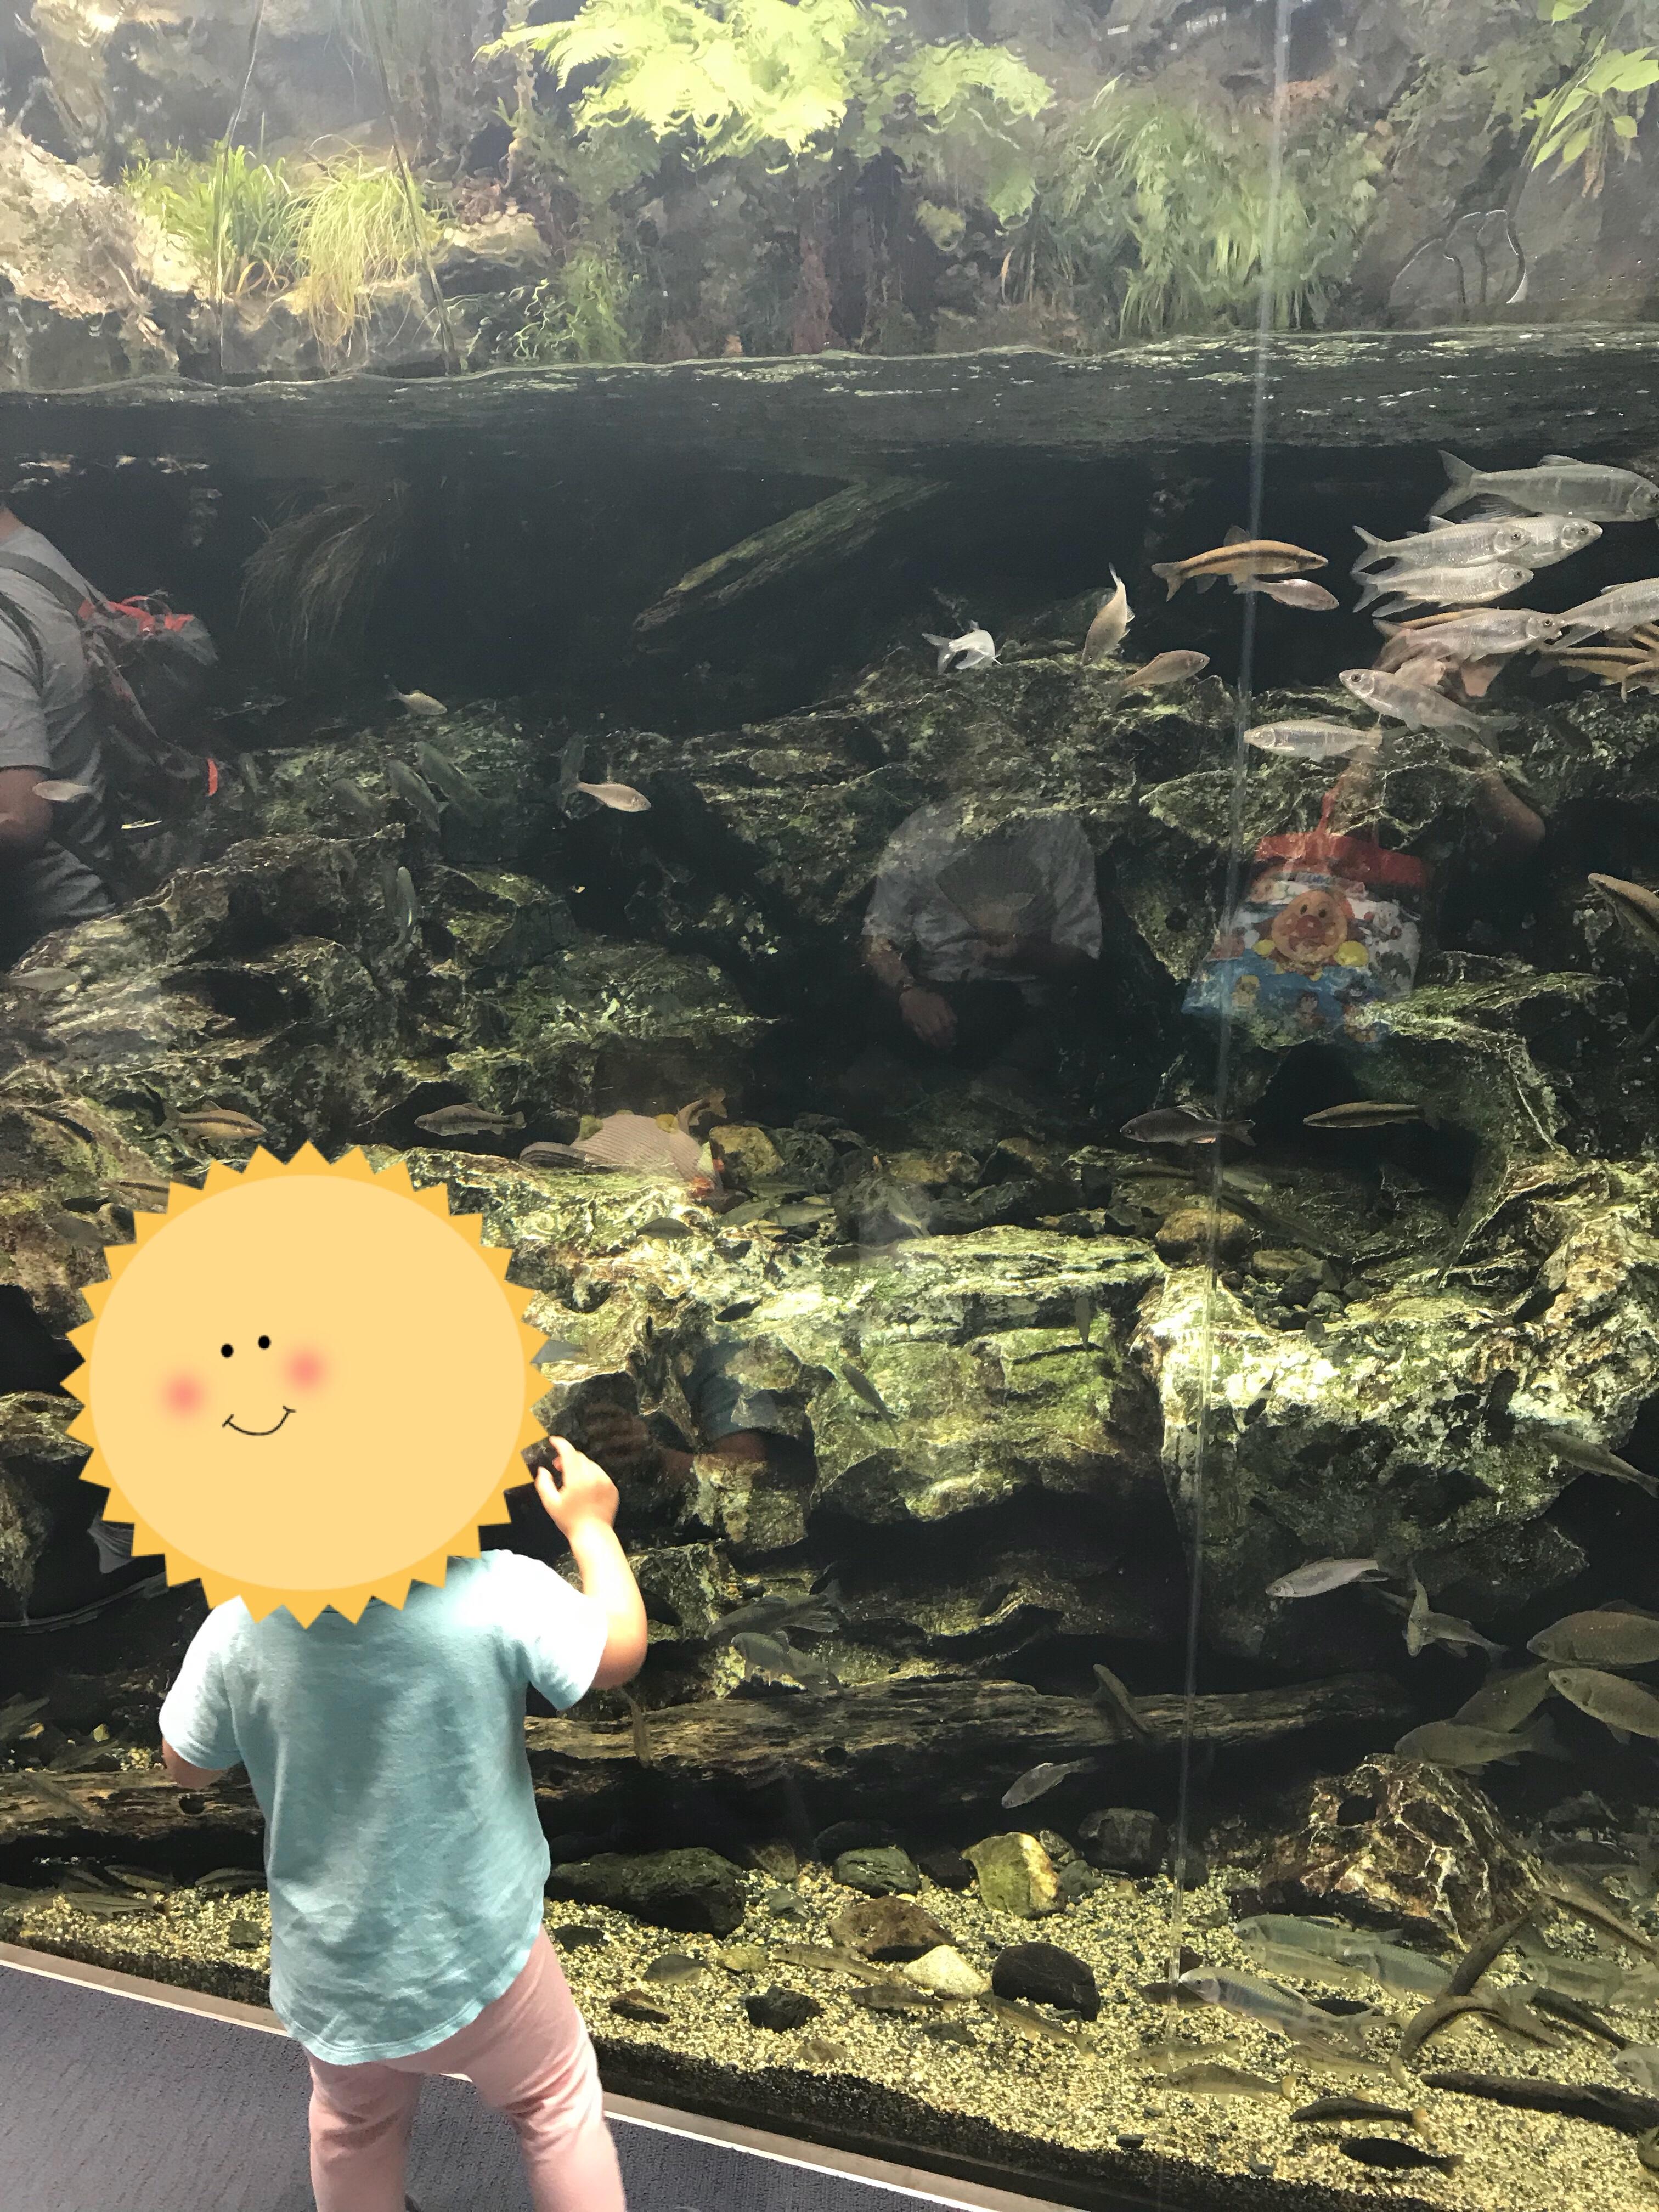 京都の川魚たちが泳ぐ水槽。水槽自体がとてもクリアで、まるで川の中を一緒に泳いでいるような気分に。